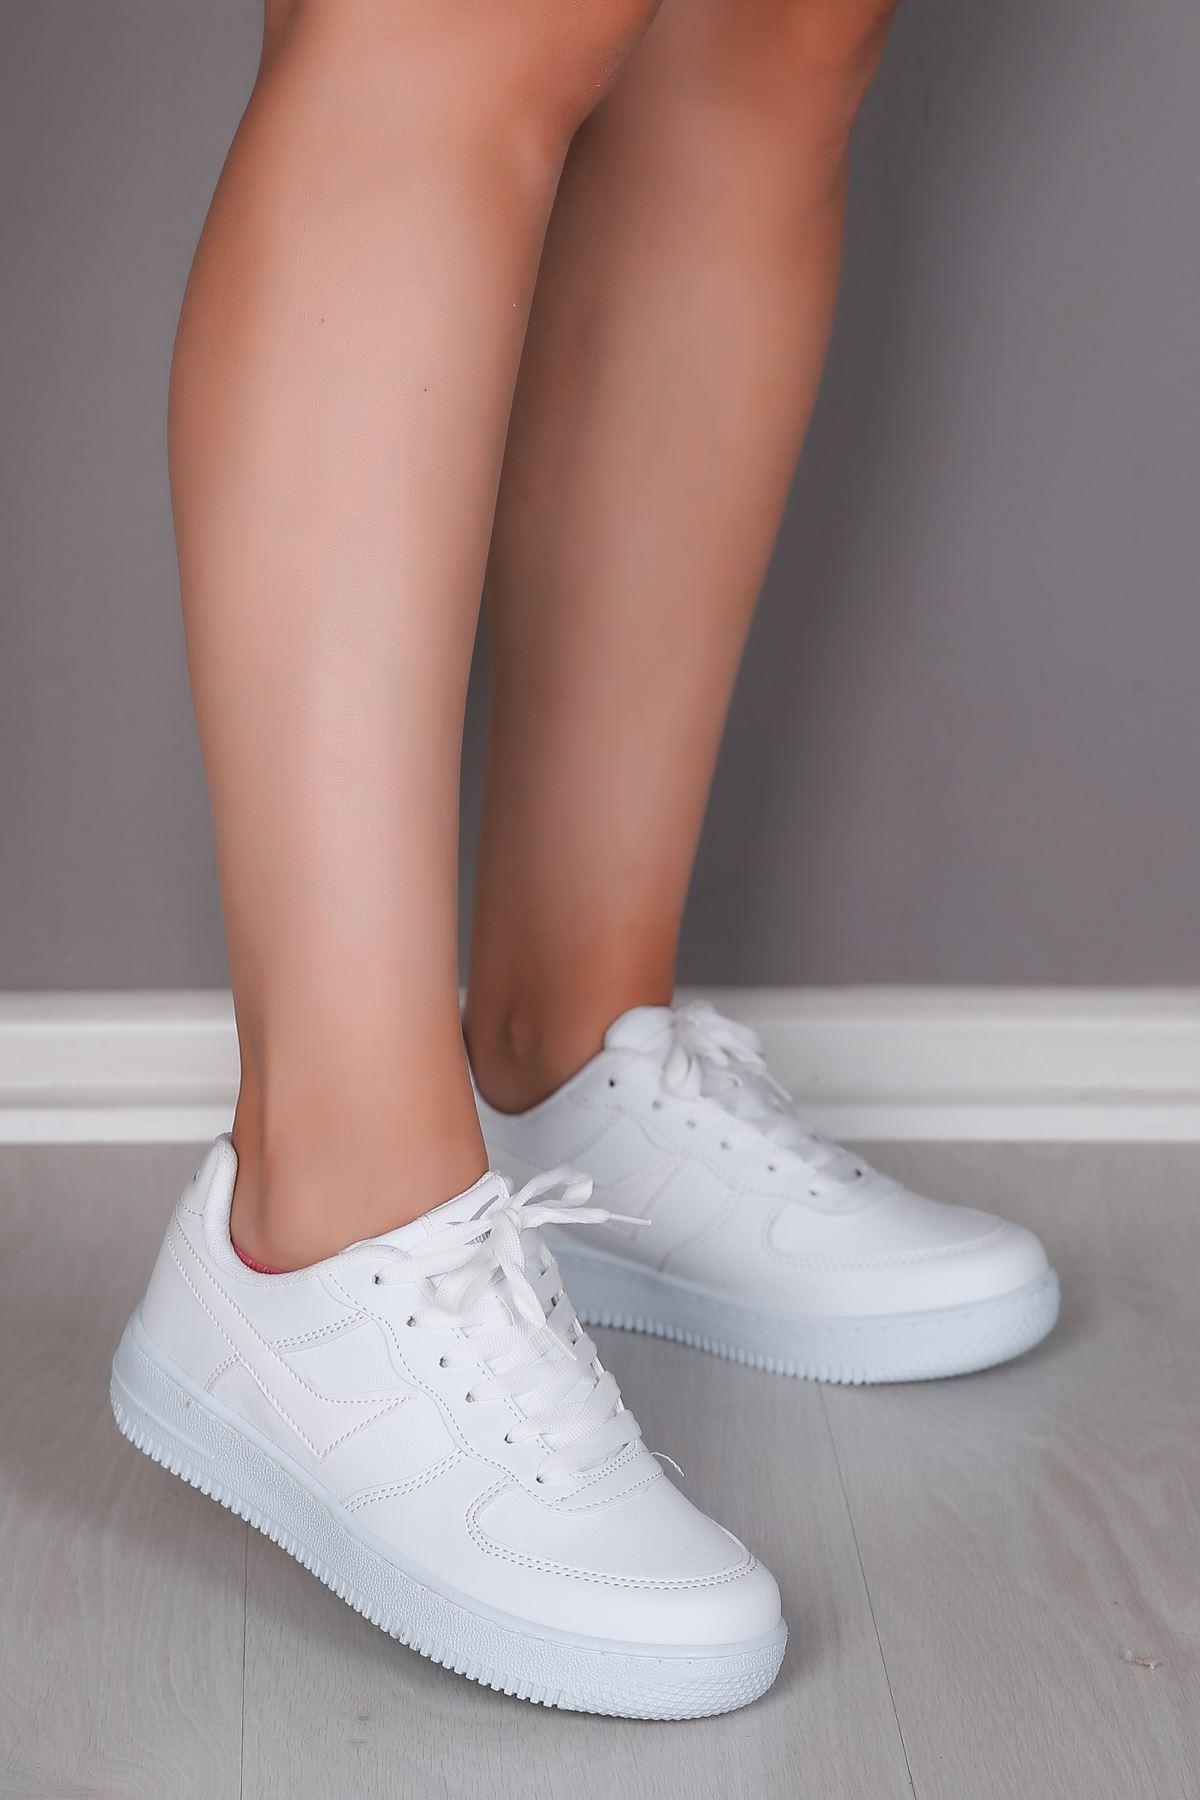 Paula Beyaz Kadın Spor Ayakkabı